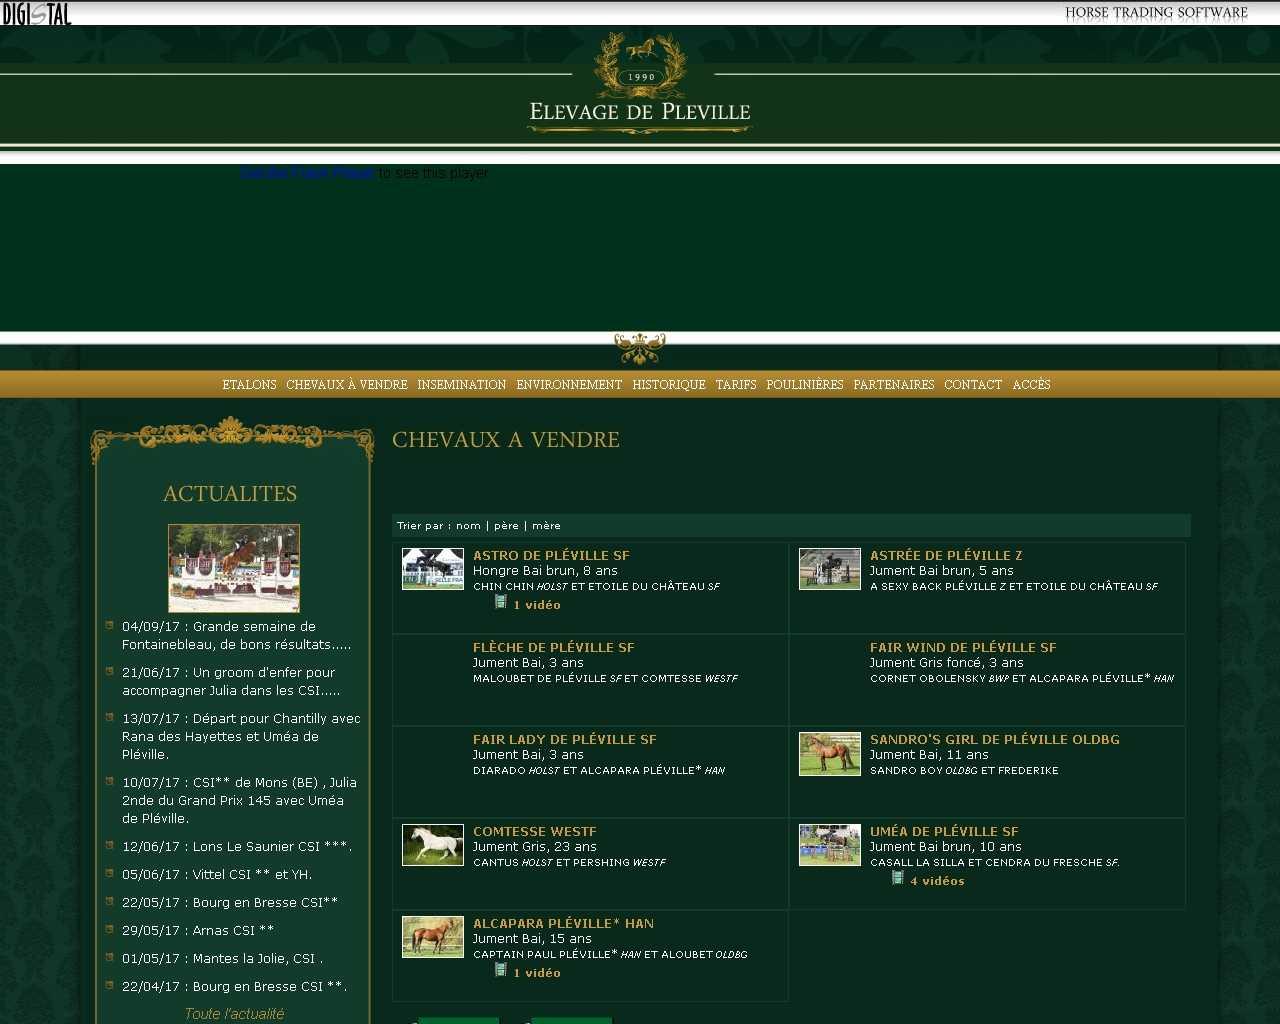 Visuel du site Elevage de Pléville